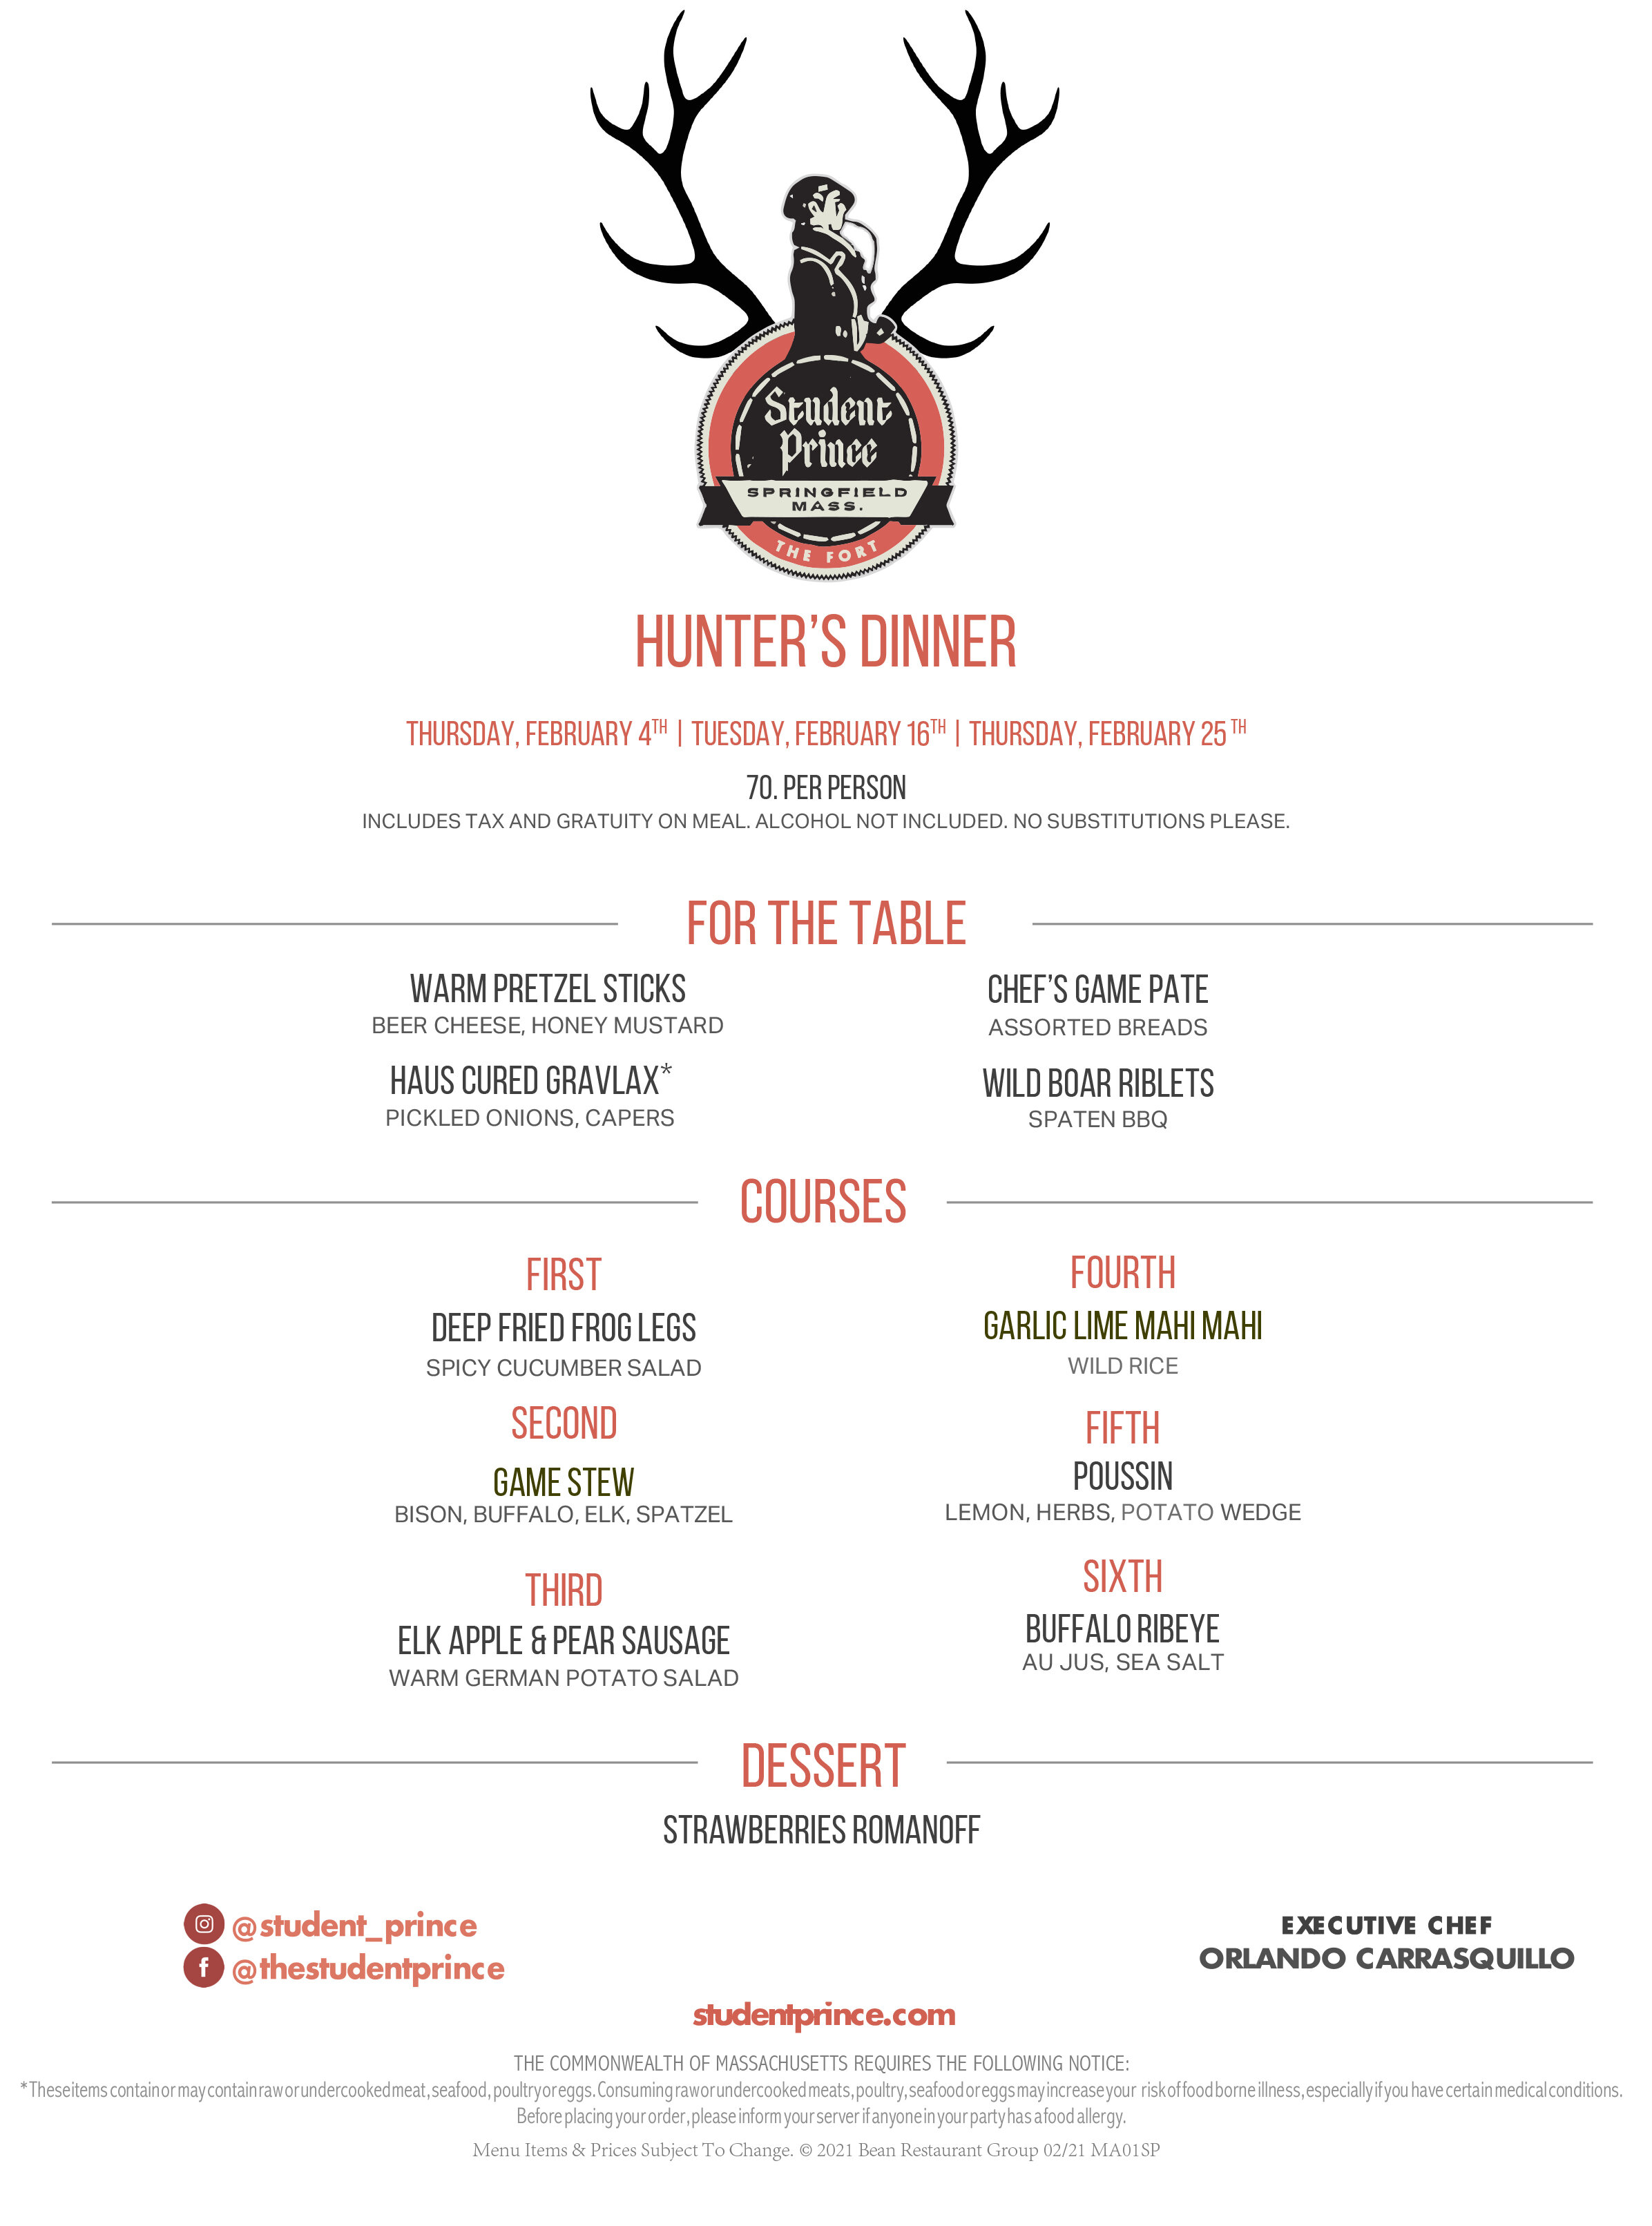 sp hunters dinner menu 0221.jpg